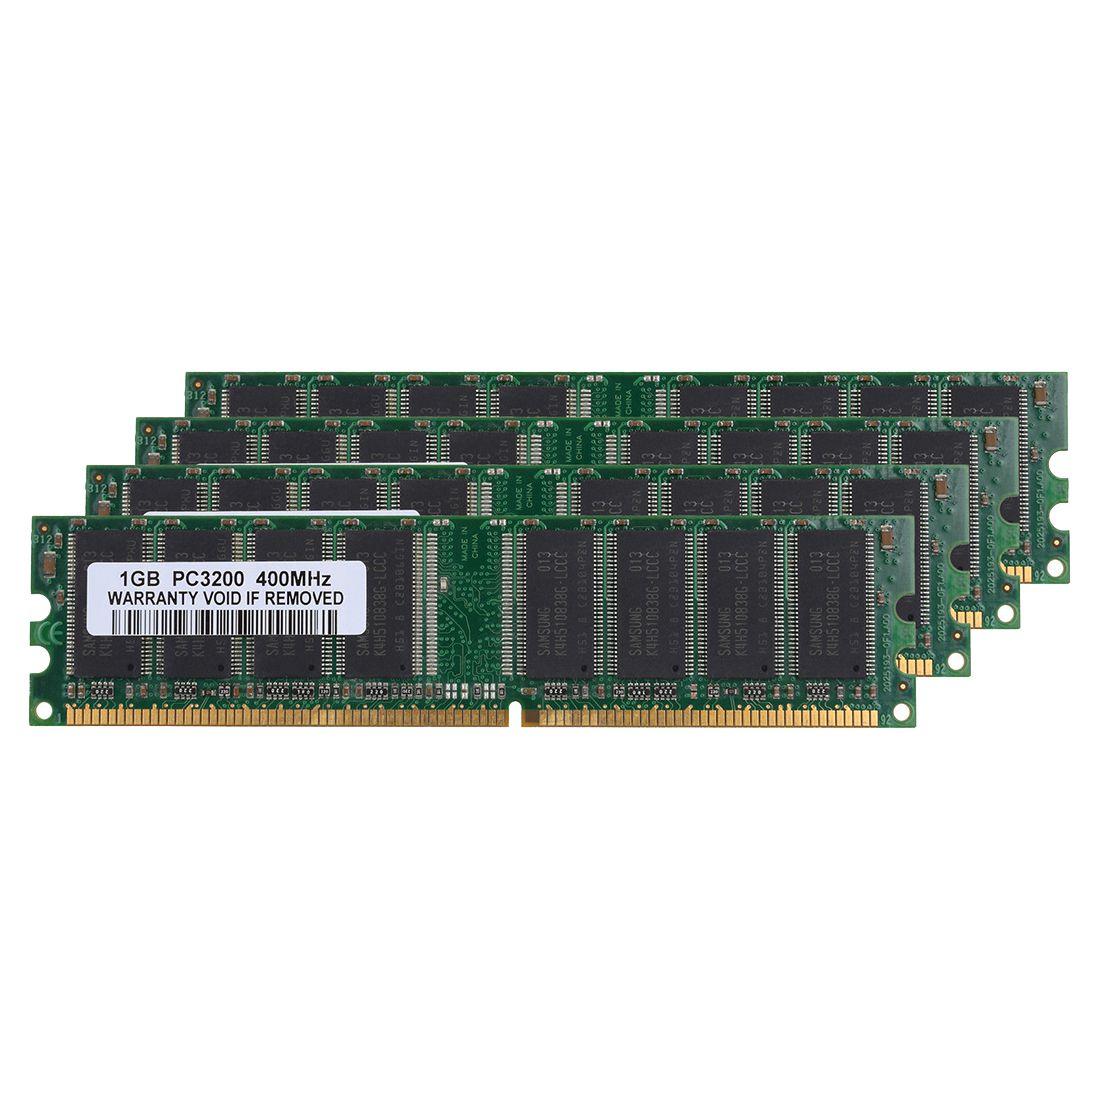 4 gb Kit (4x1 gb) DDR1-400MHz PC Desktop 184pin Memória PC1-3200 Não-ECC DIMM Ram, verde